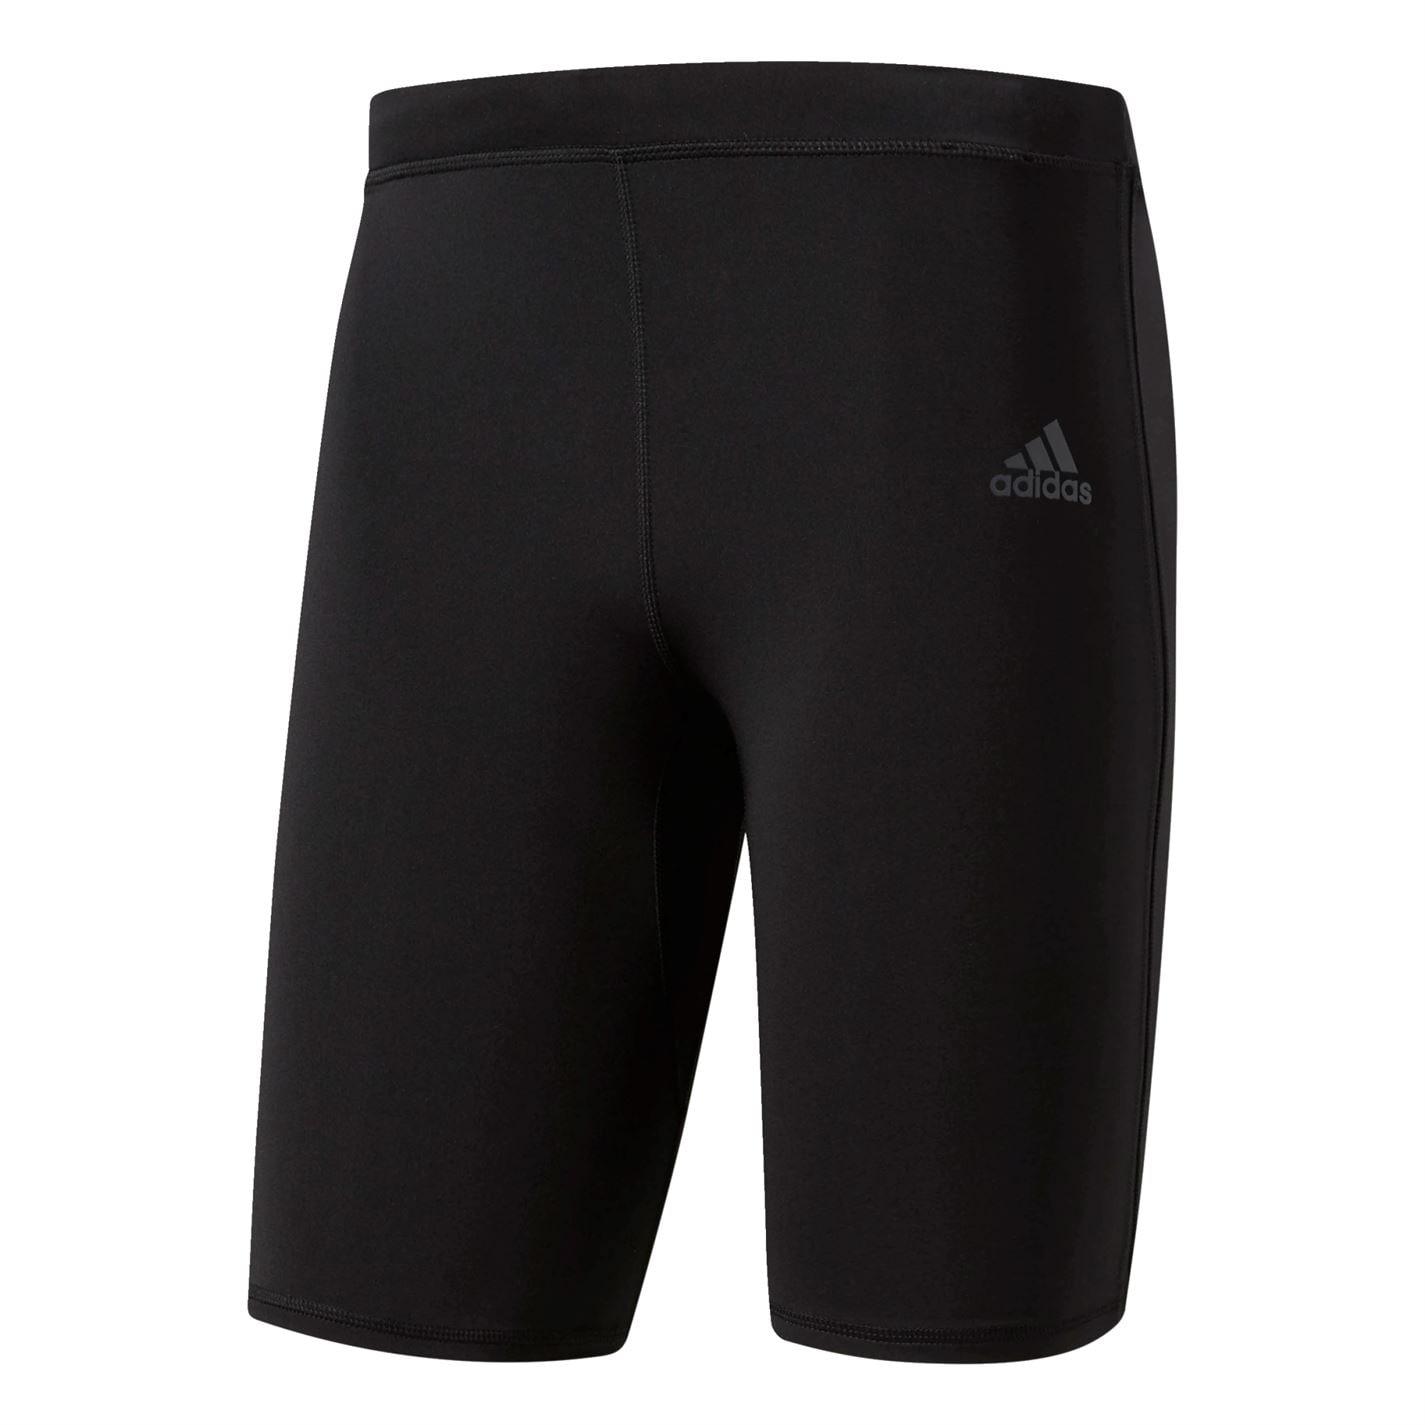 Adidas Response Mens Performance Shorts